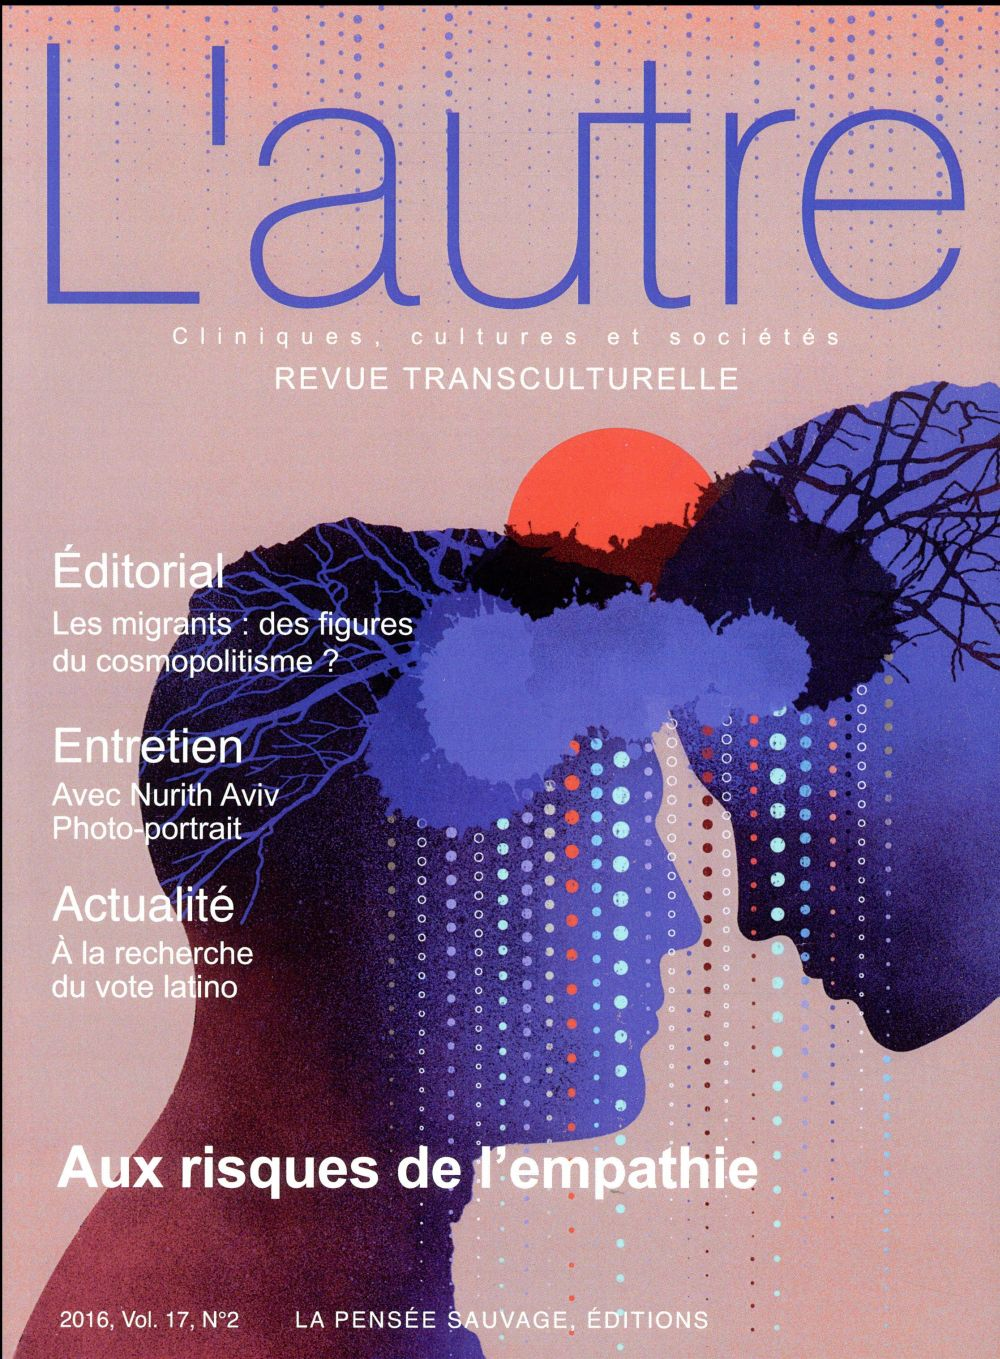 REVUE L'AUTRE 2016 VOL 17 N°2 AUX RISQUES DE L'EMPATHIE